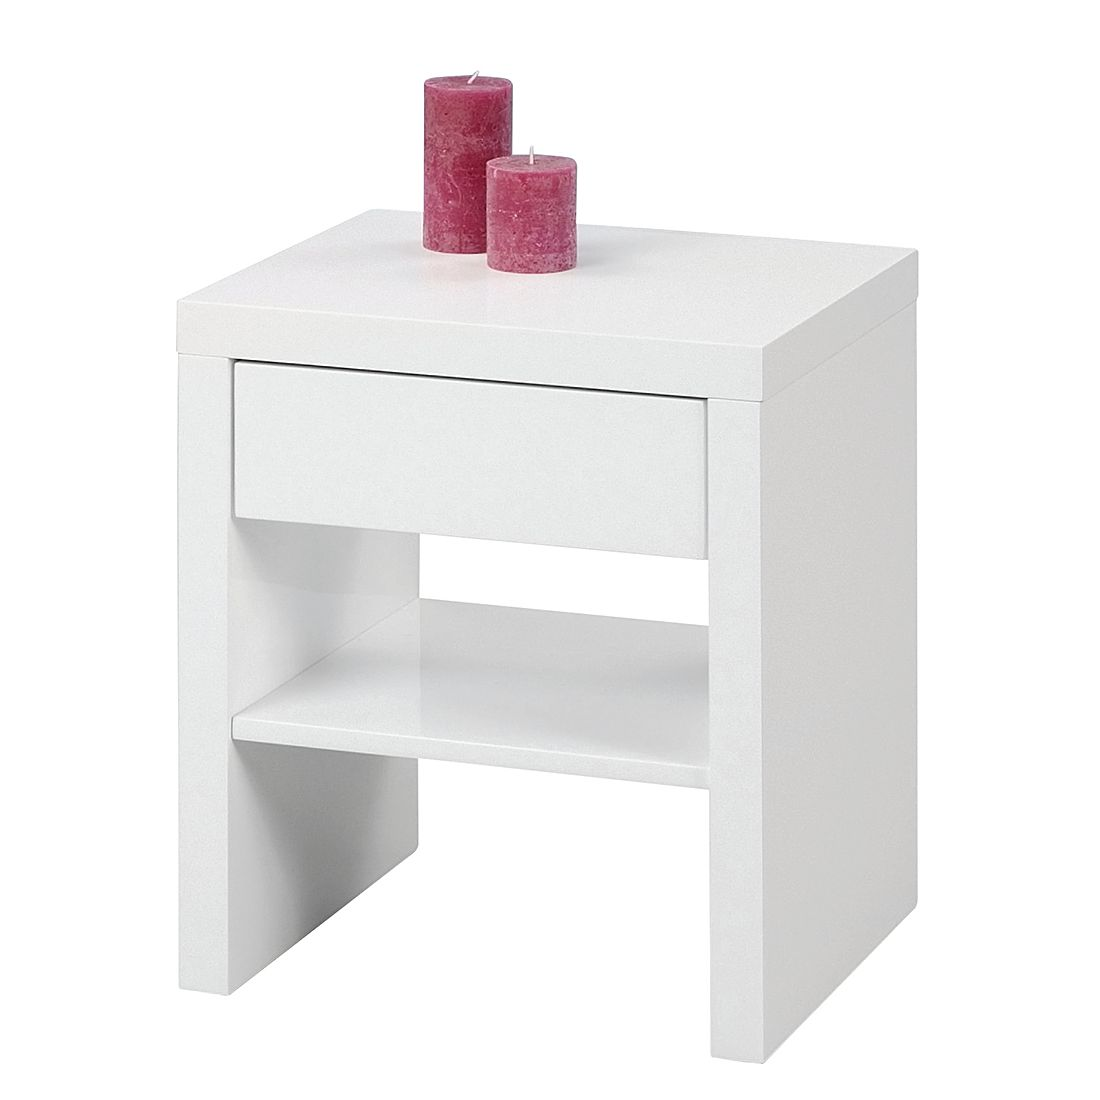 beistelltische hochglanz preisvergleiche. Black Bedroom Furniture Sets. Home Design Ideas